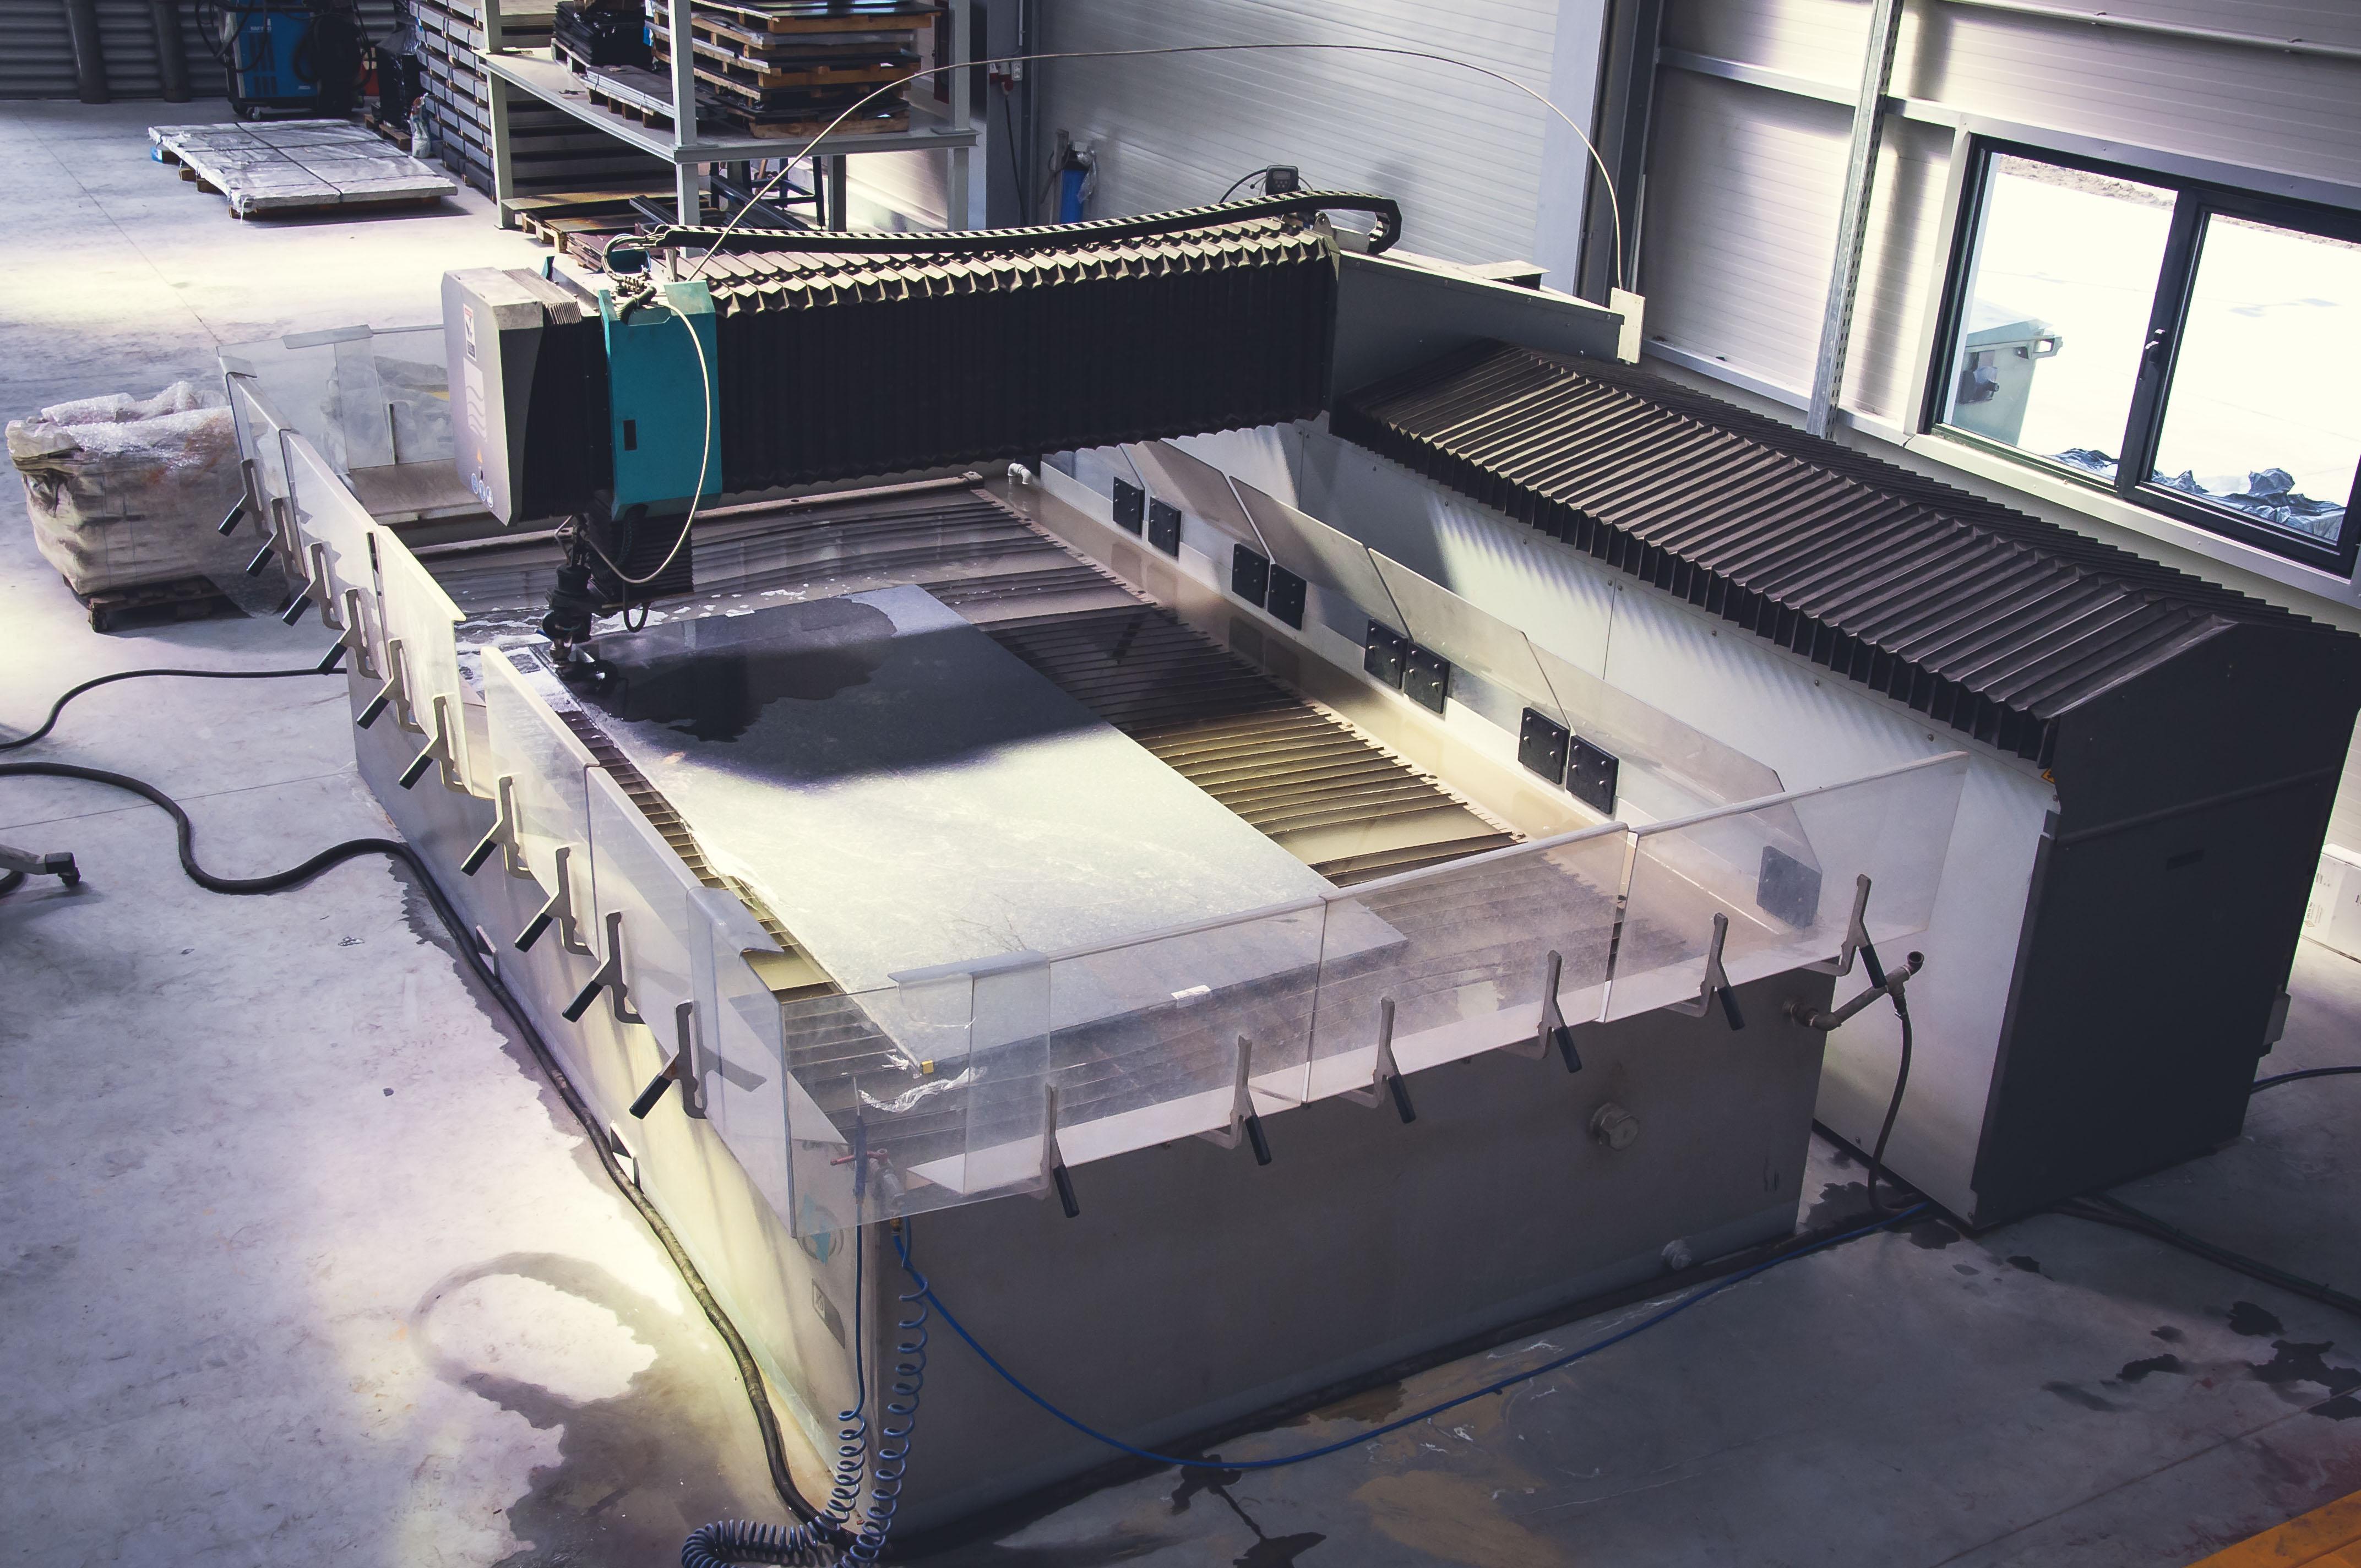 Flow Mach 4 XD waterjet cutting machine - Exapro